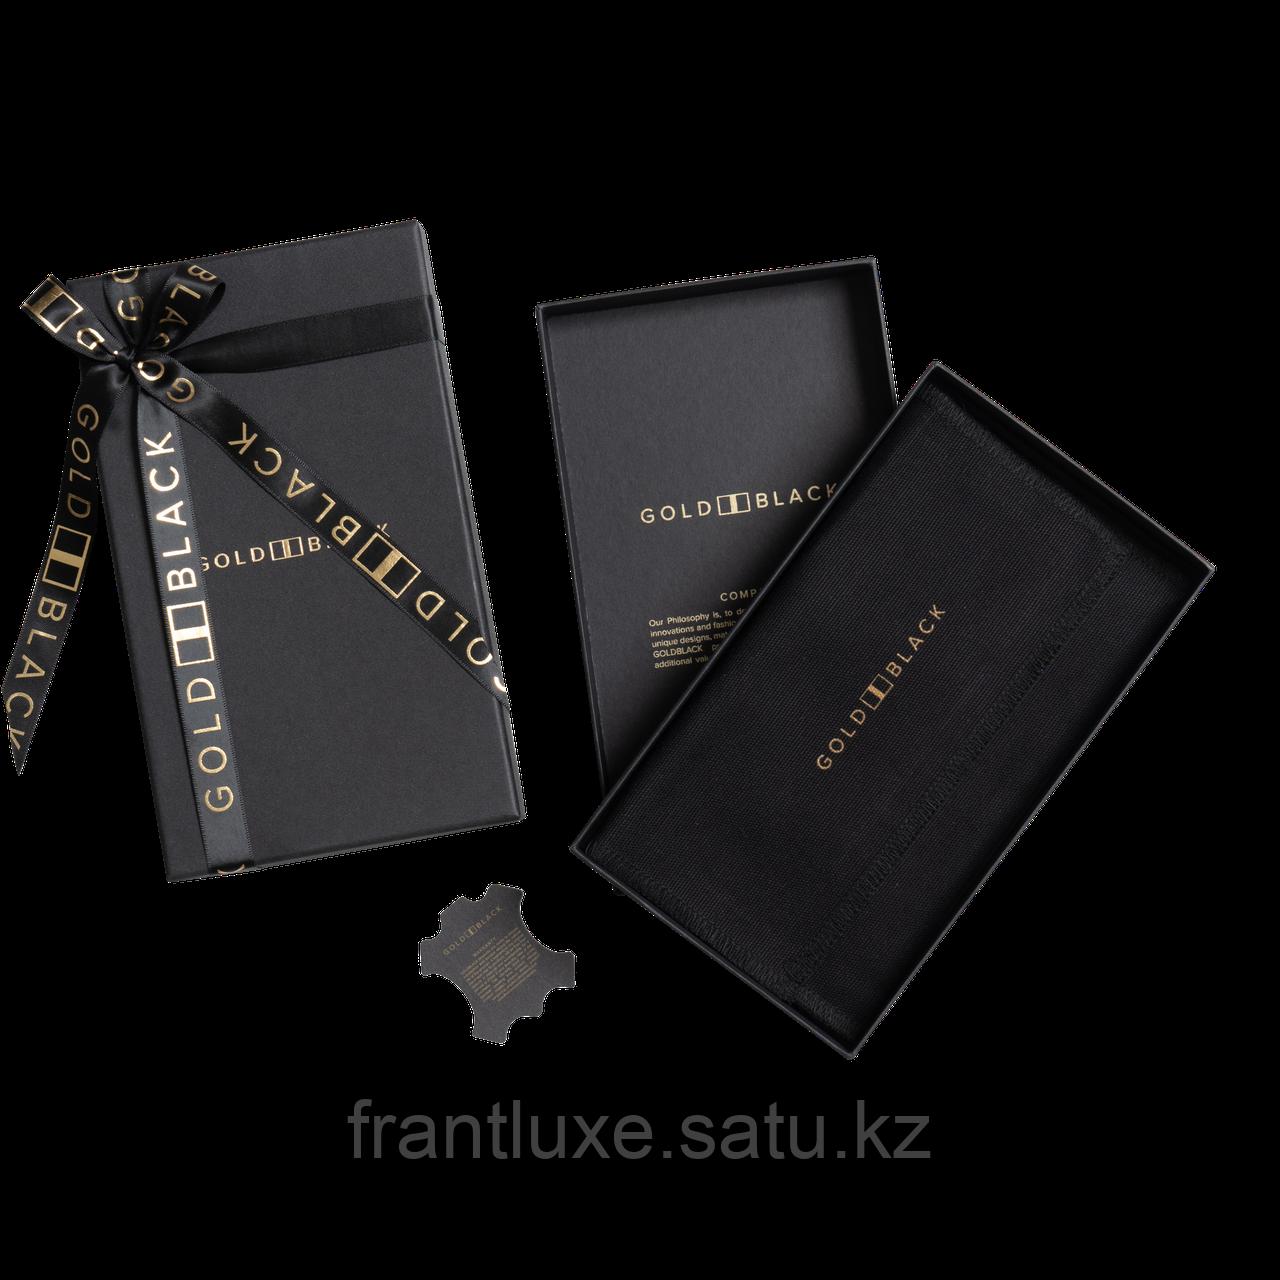 Чехол для телефона iPhone 12/12 Pro с ремешком-держателем Nappa чёрный - фото 2